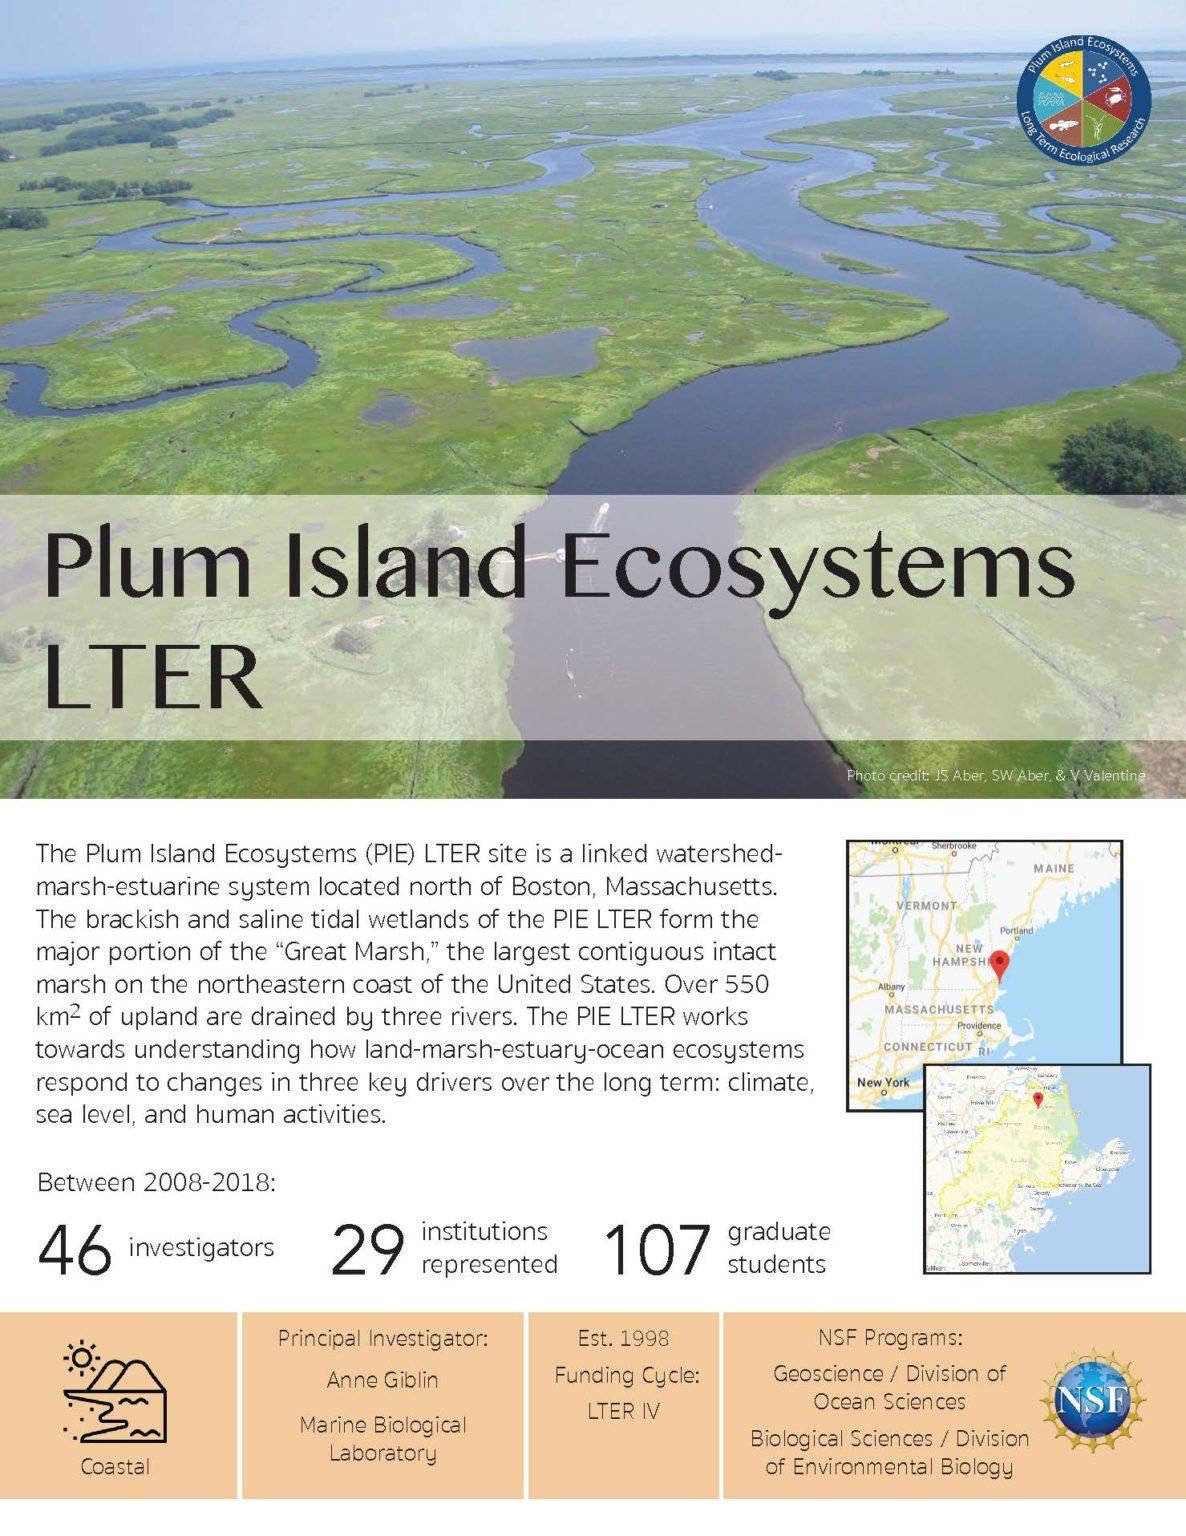 Plum Island Ecosystem LTER site brief